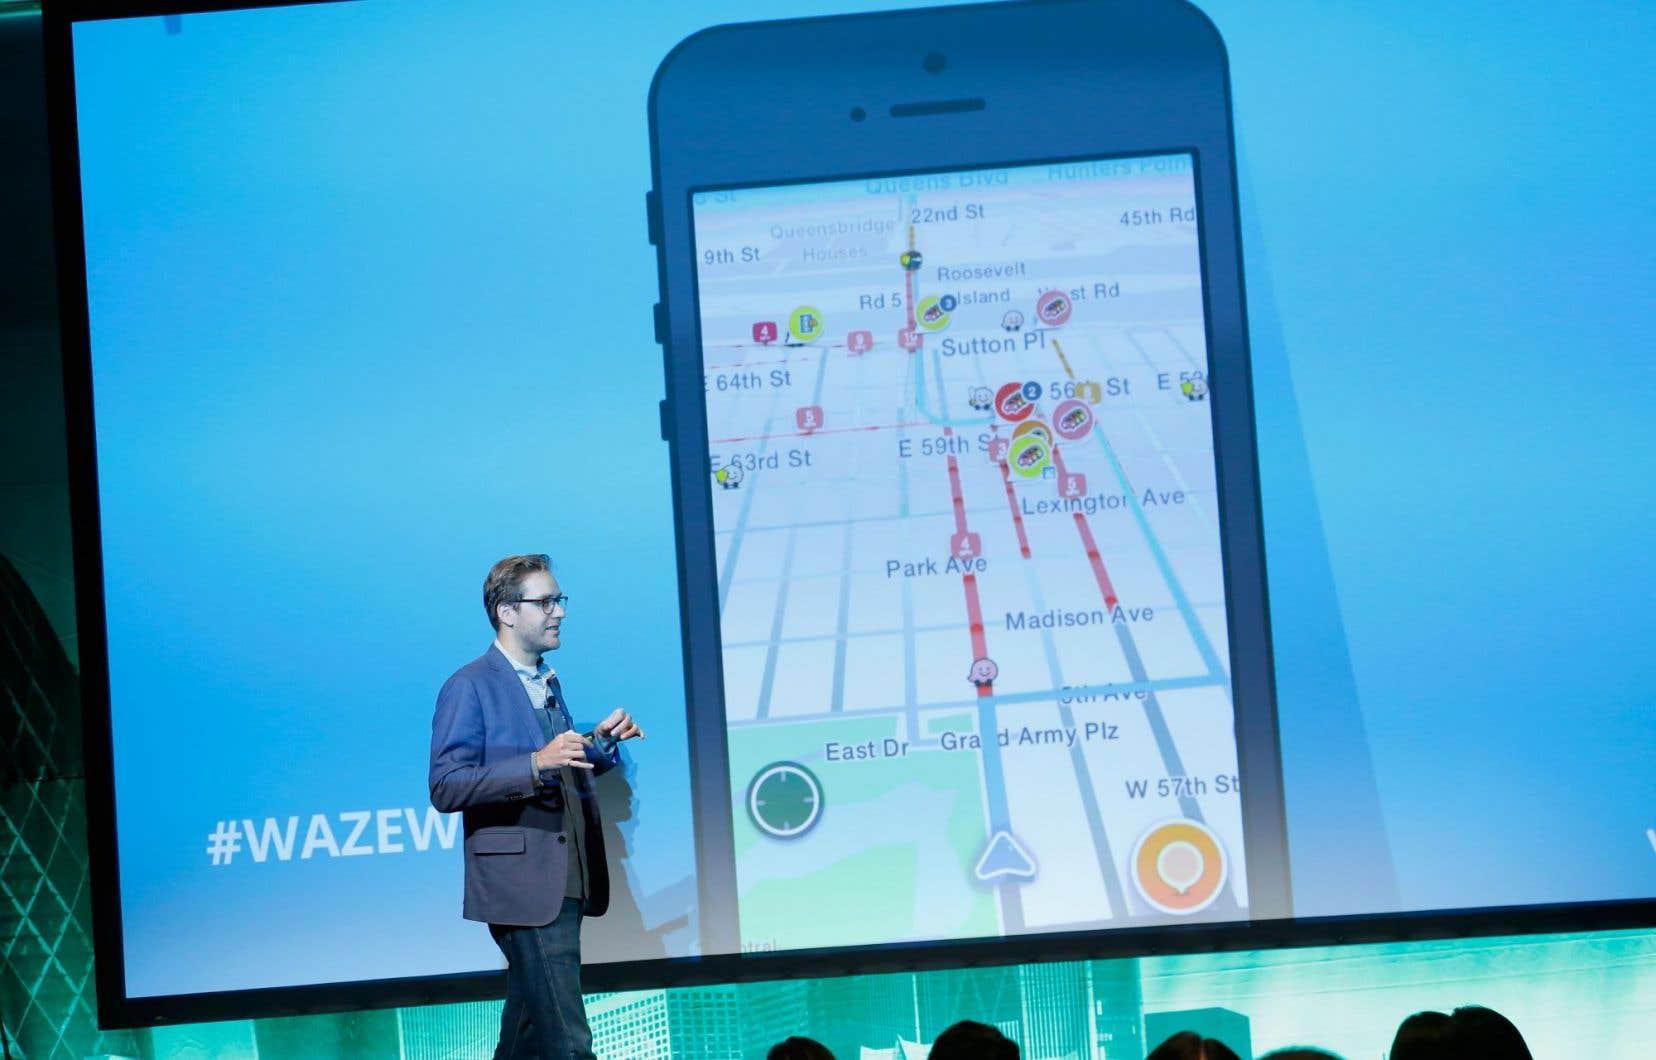 <p>Si Waze devait poursuivre son expansion au nord de la frontière américaine, il ferait face au Québec à Netlift,une entreprise qui offre le même genre de service.</p>